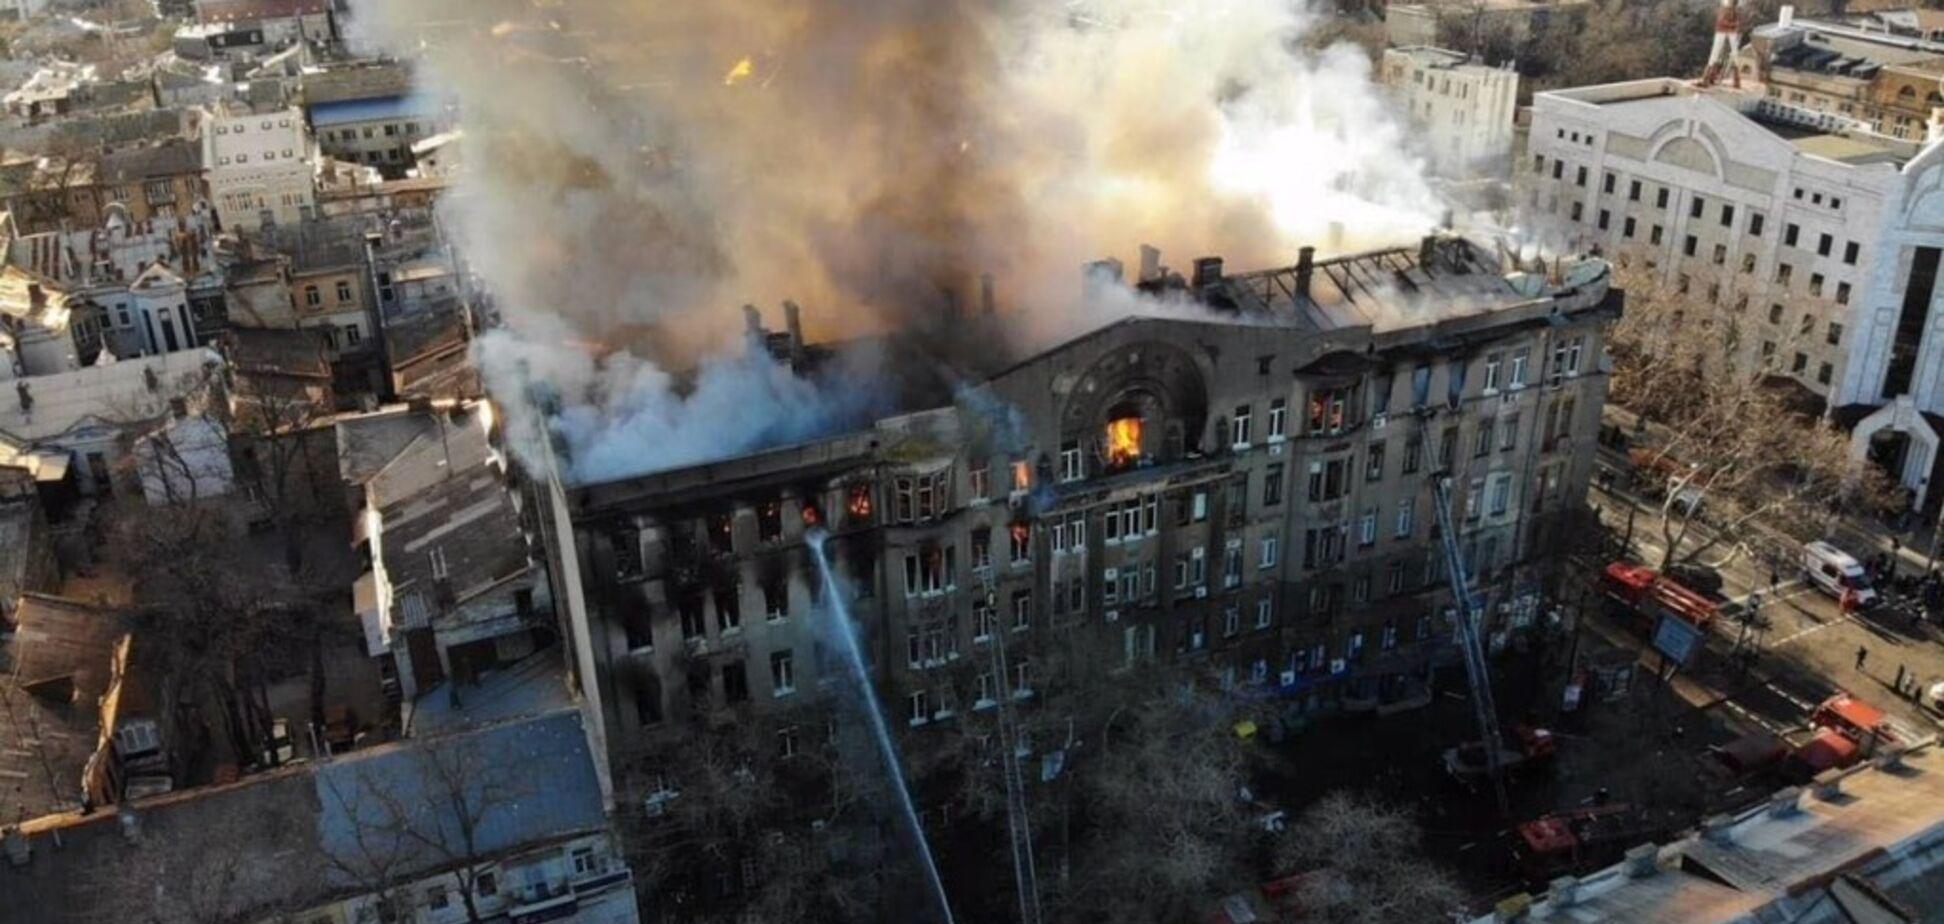 Намагалися приховати і знищити докази: СБУ нагрянула з обшуками до рятувальників ДСНС через смертельну пожежу в Одесі